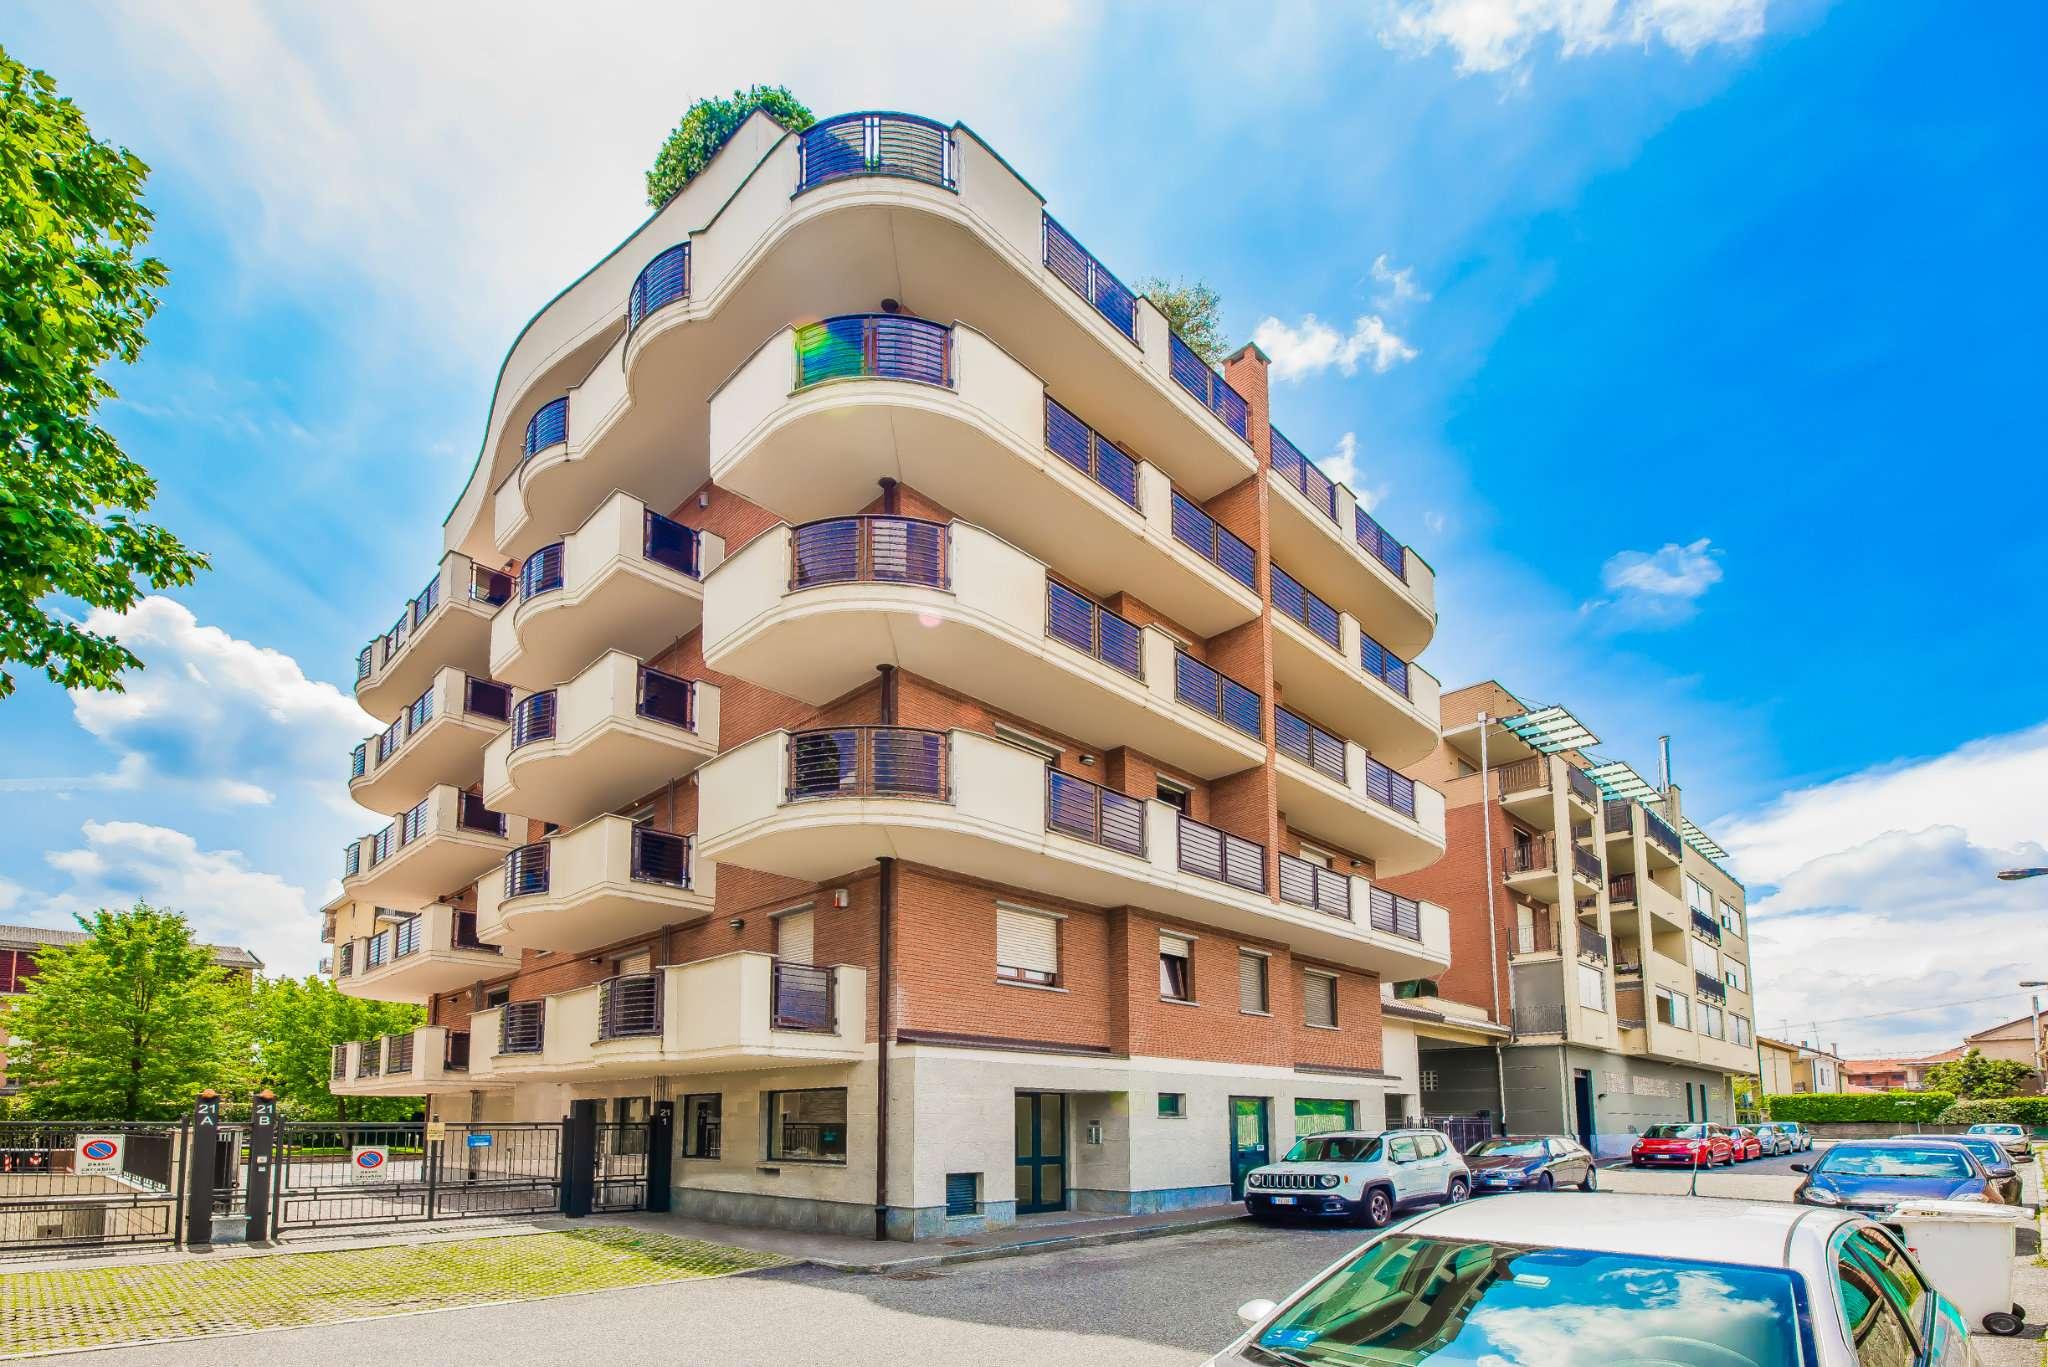 Appartamento in vendita via Piero Gobetti 21 Collegno